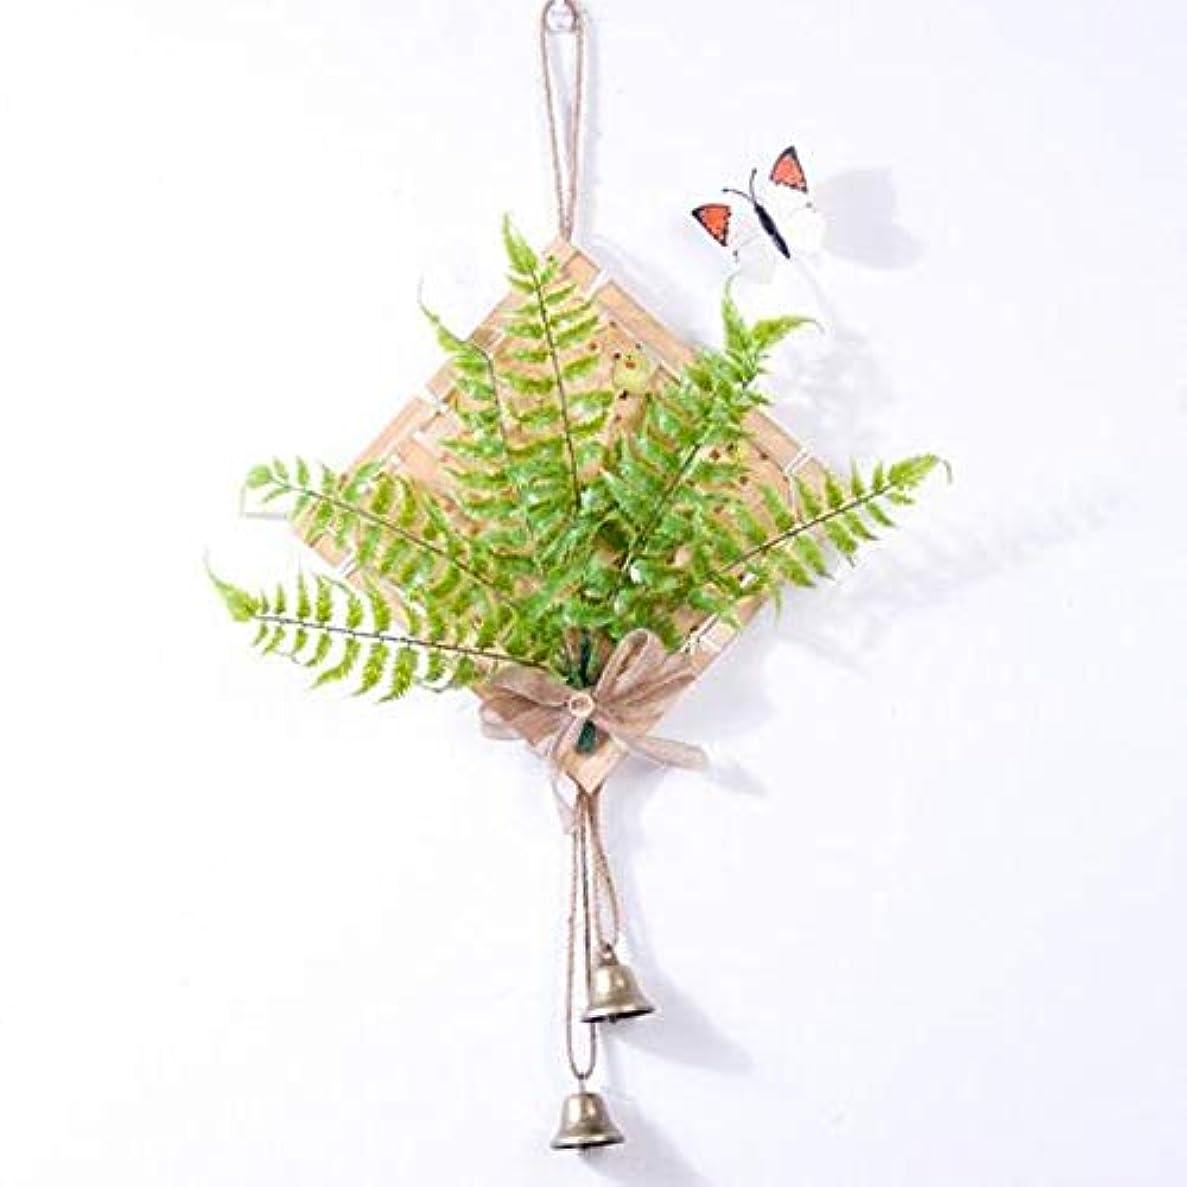 降伏ノベルティ放棄Chengjinxiang 風チャイム、クリエイティブ?竹風チャイム、白、幅28.5cmくらい,クリエイティブギフト (Color : Green)